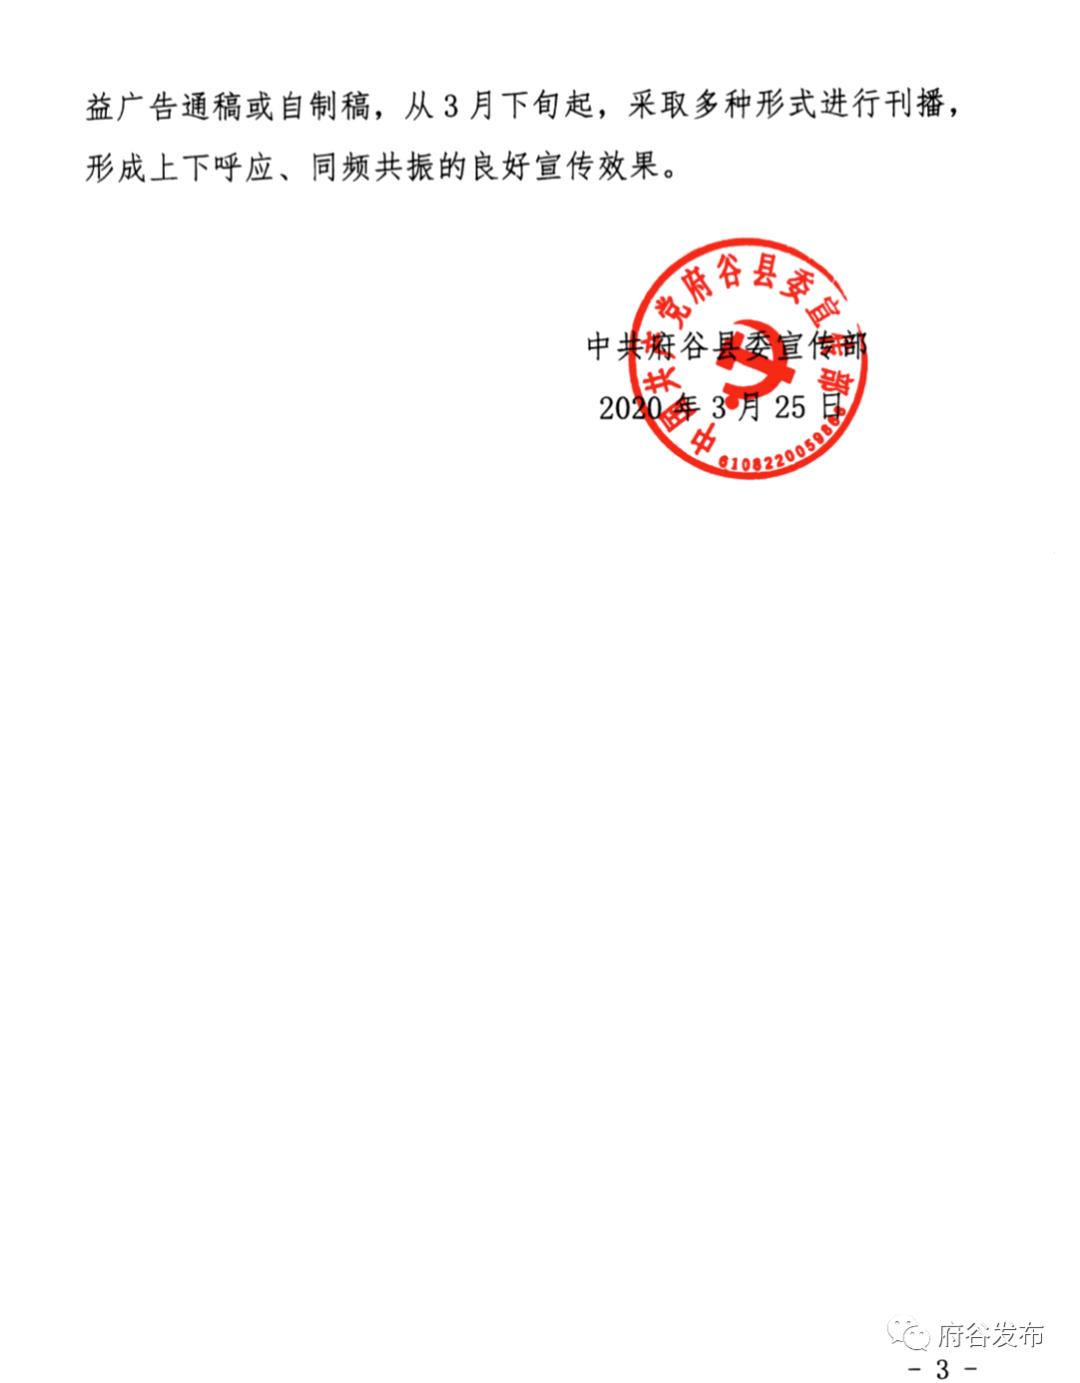 公筷行动丨县委宣传部发出开展倡导使用公筷公益广告宣传的通知